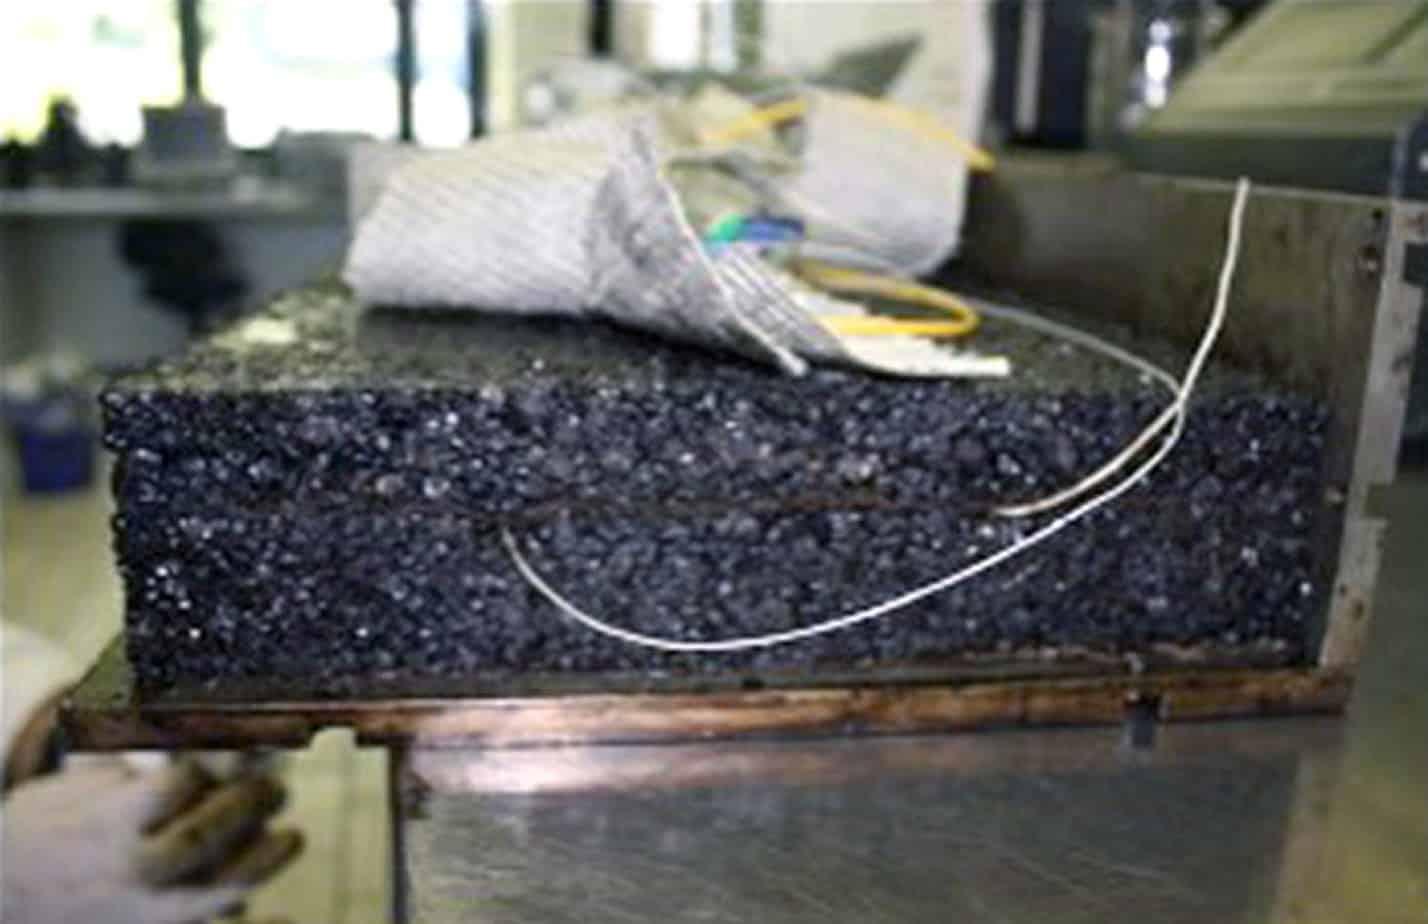 La piastra con le fibre ottiche inserite nel mezzo